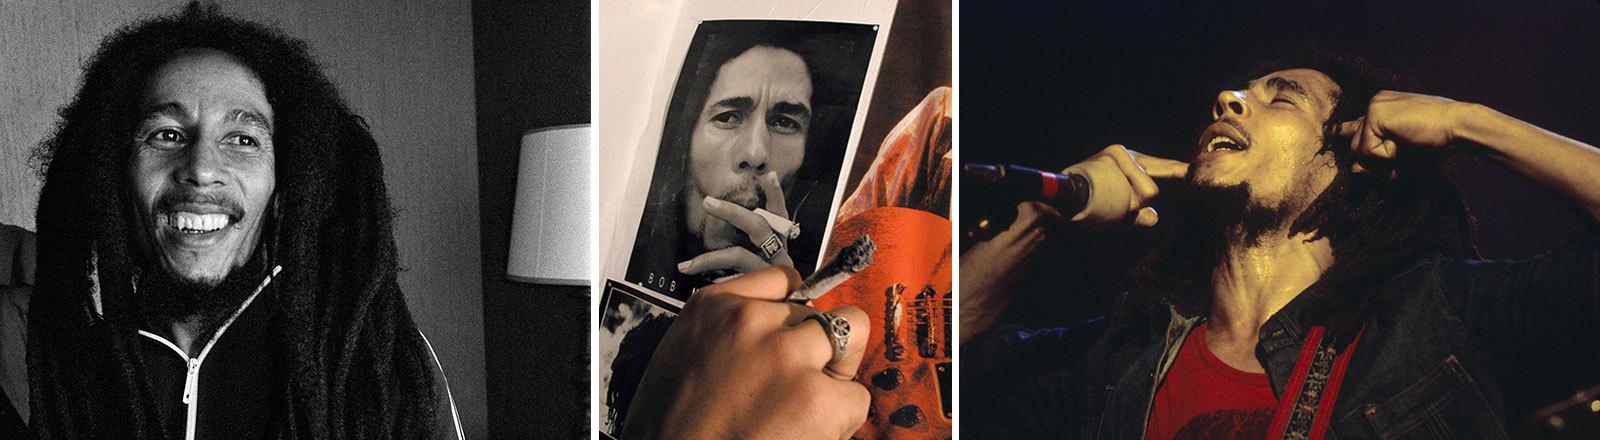 Collage von Bob-Marley-Bildern, beim Konzert, im Porträt, beim kiffen.